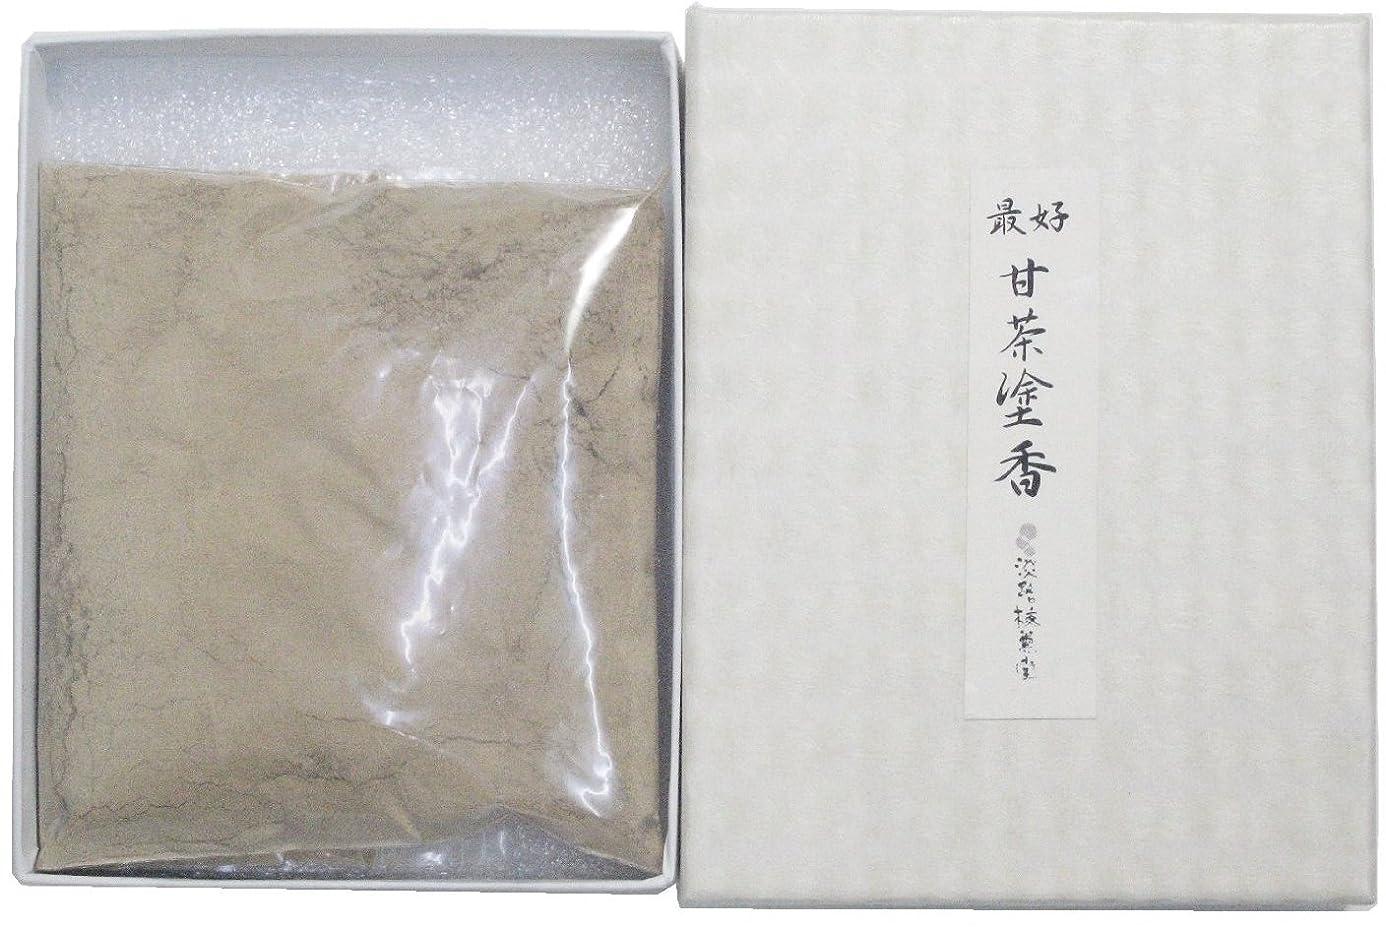 インタラクションパンツフィット淡路梅薫堂の塗香 最好甘茶塗香 30g ( ずこう ) 粉末 #503